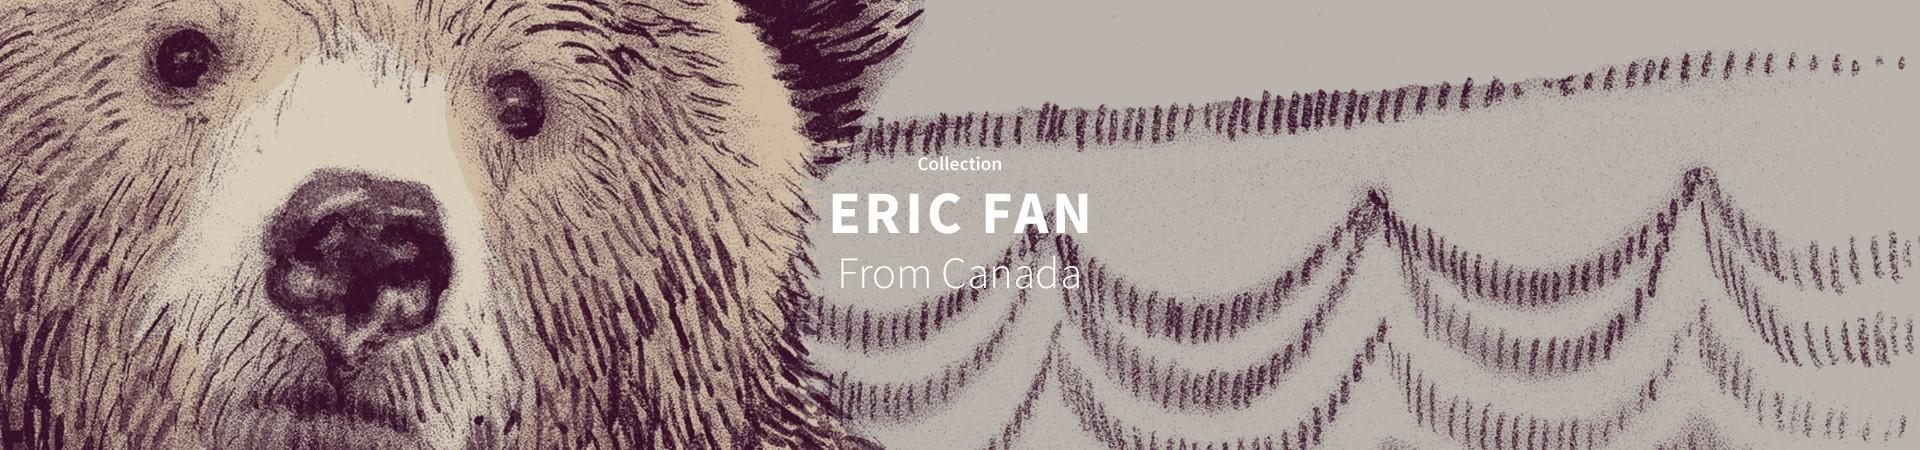 Eric Fan